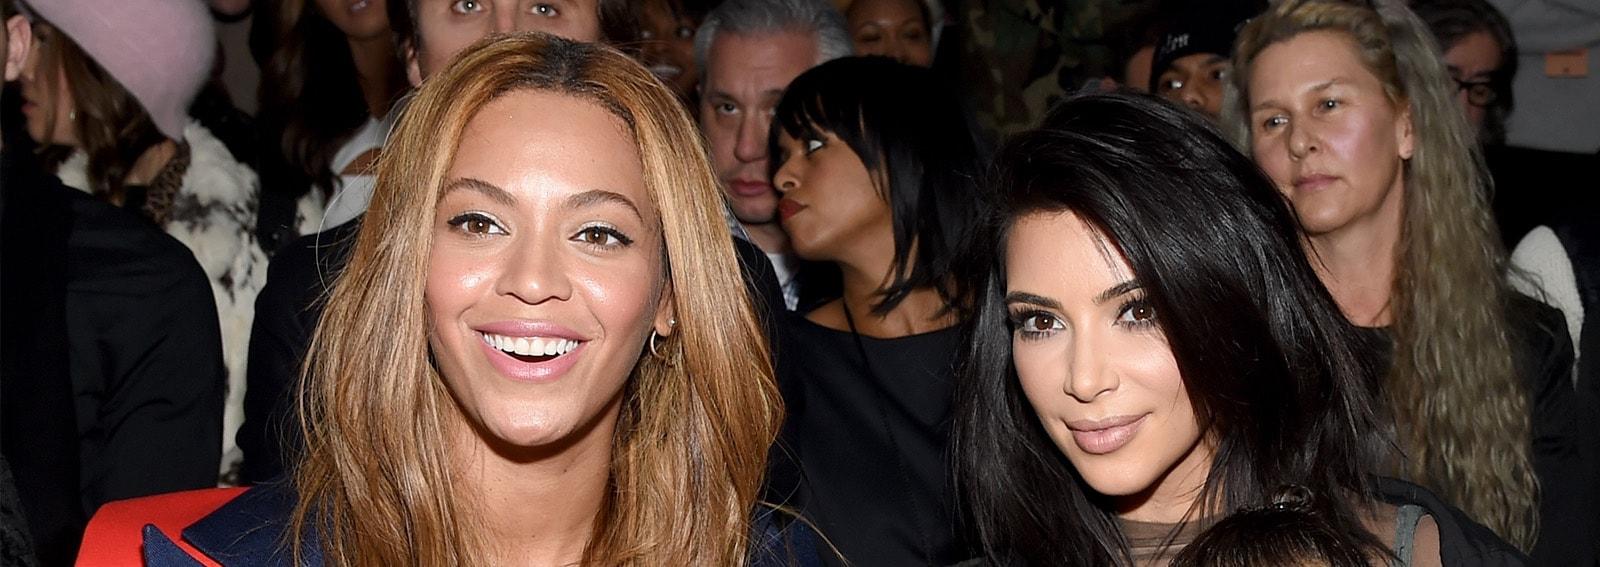 cover perche beyonce odia kim kardashian desktop